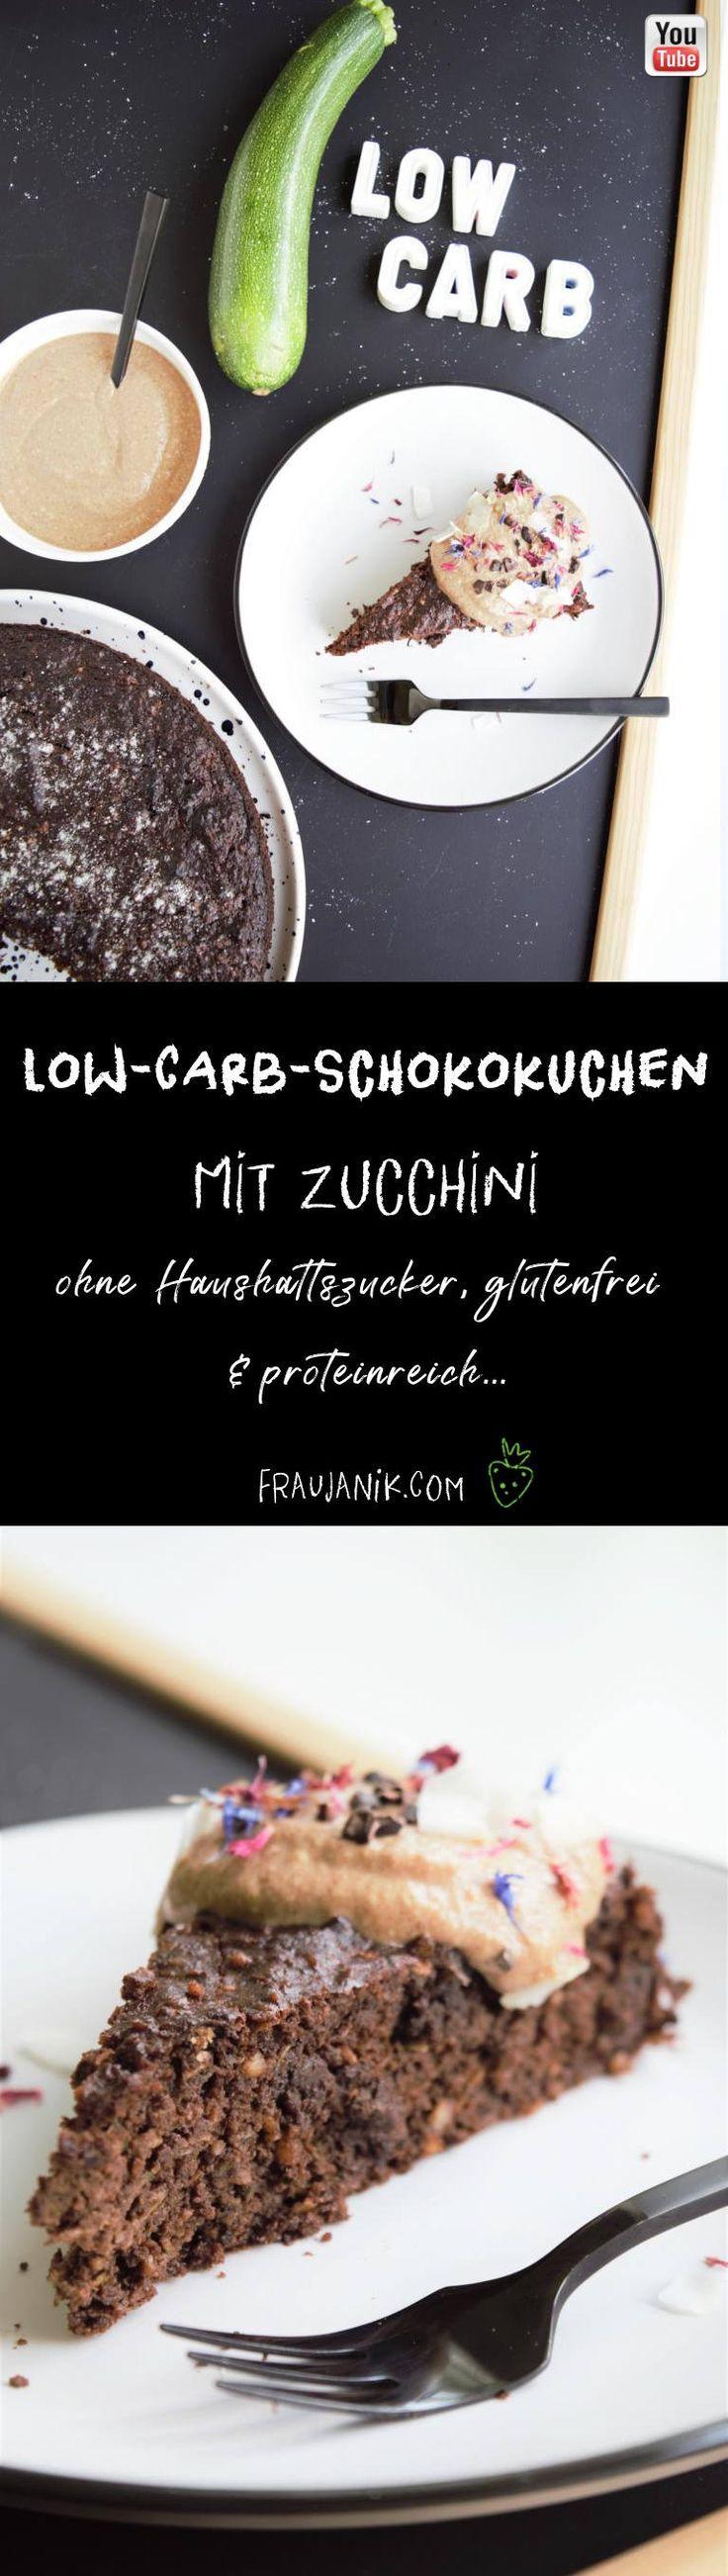 Bolo de chocolate com baixo carboidrato e abobrinha